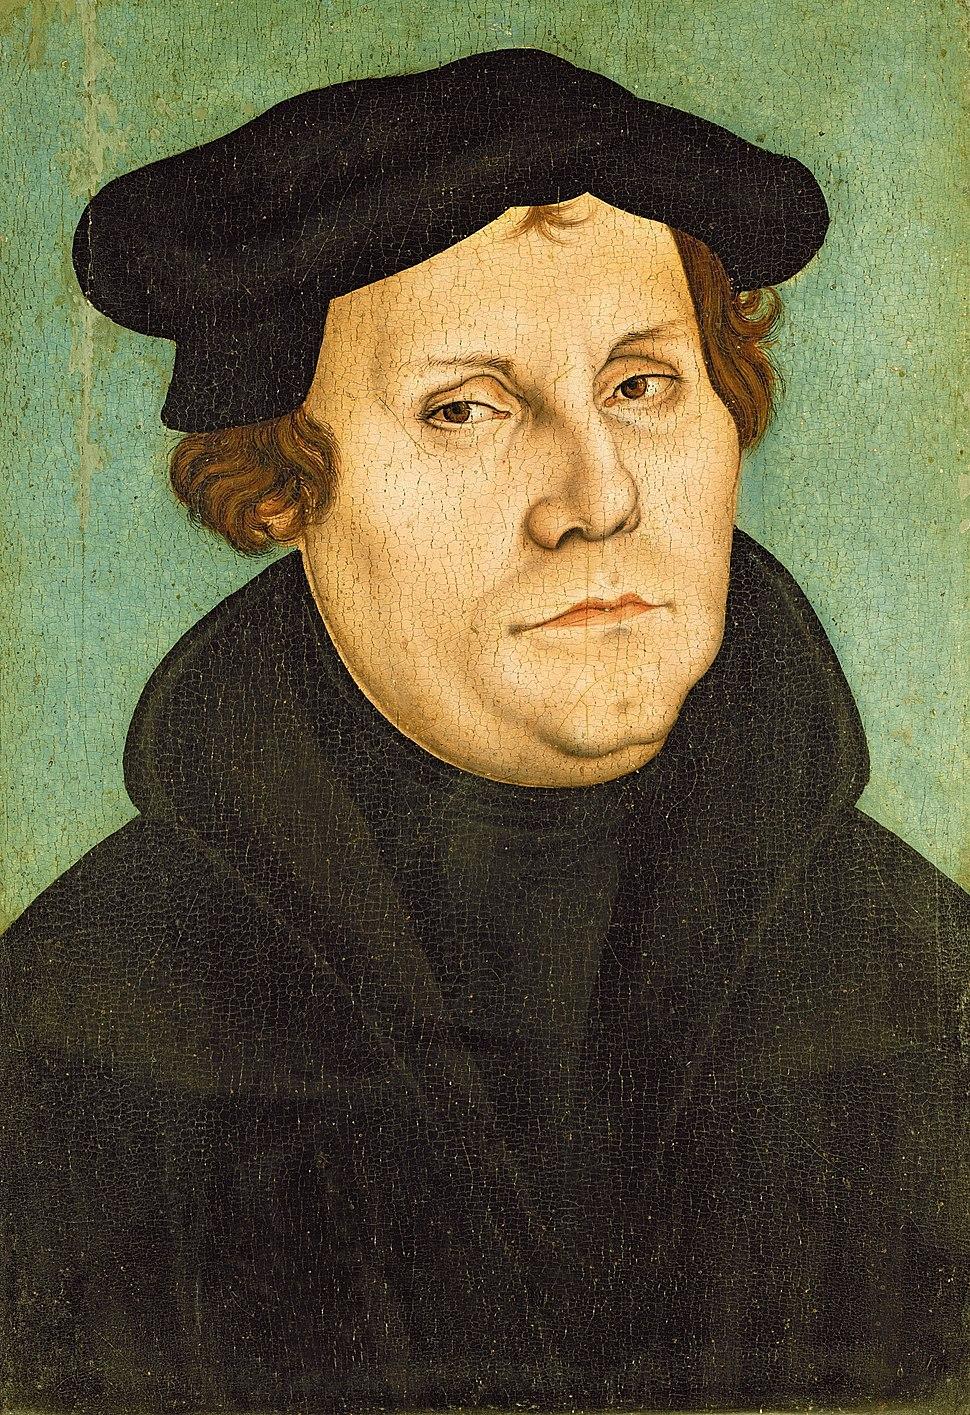 Lucas Cranach d.Ä. (Werkst.) - Porträt des Martin Luther (Lutherhaus Wittenberg)